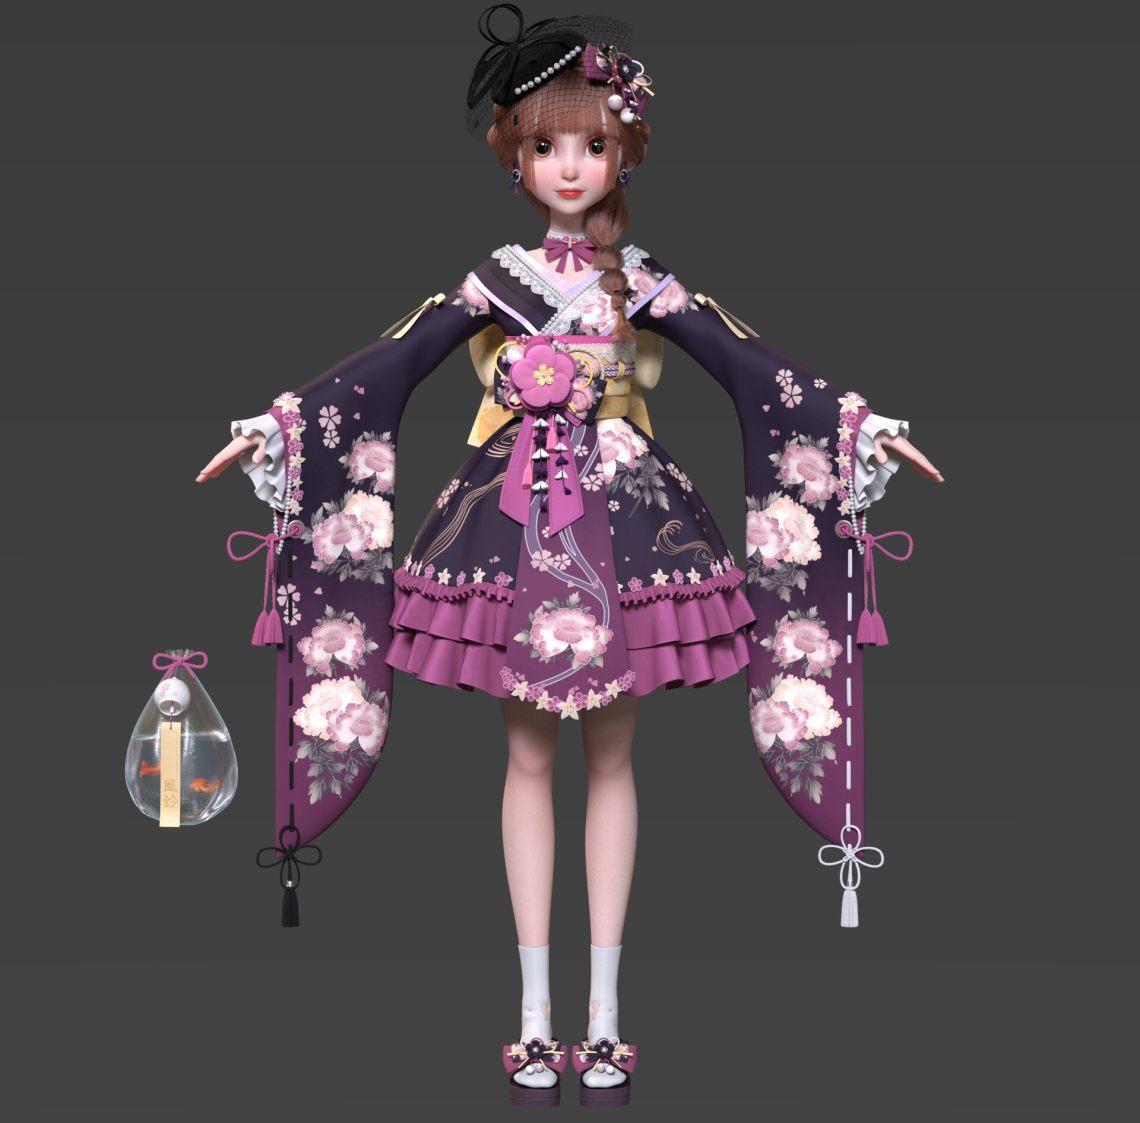 洋娃娃质感和服女孩   设计师: Yuheng Jiang